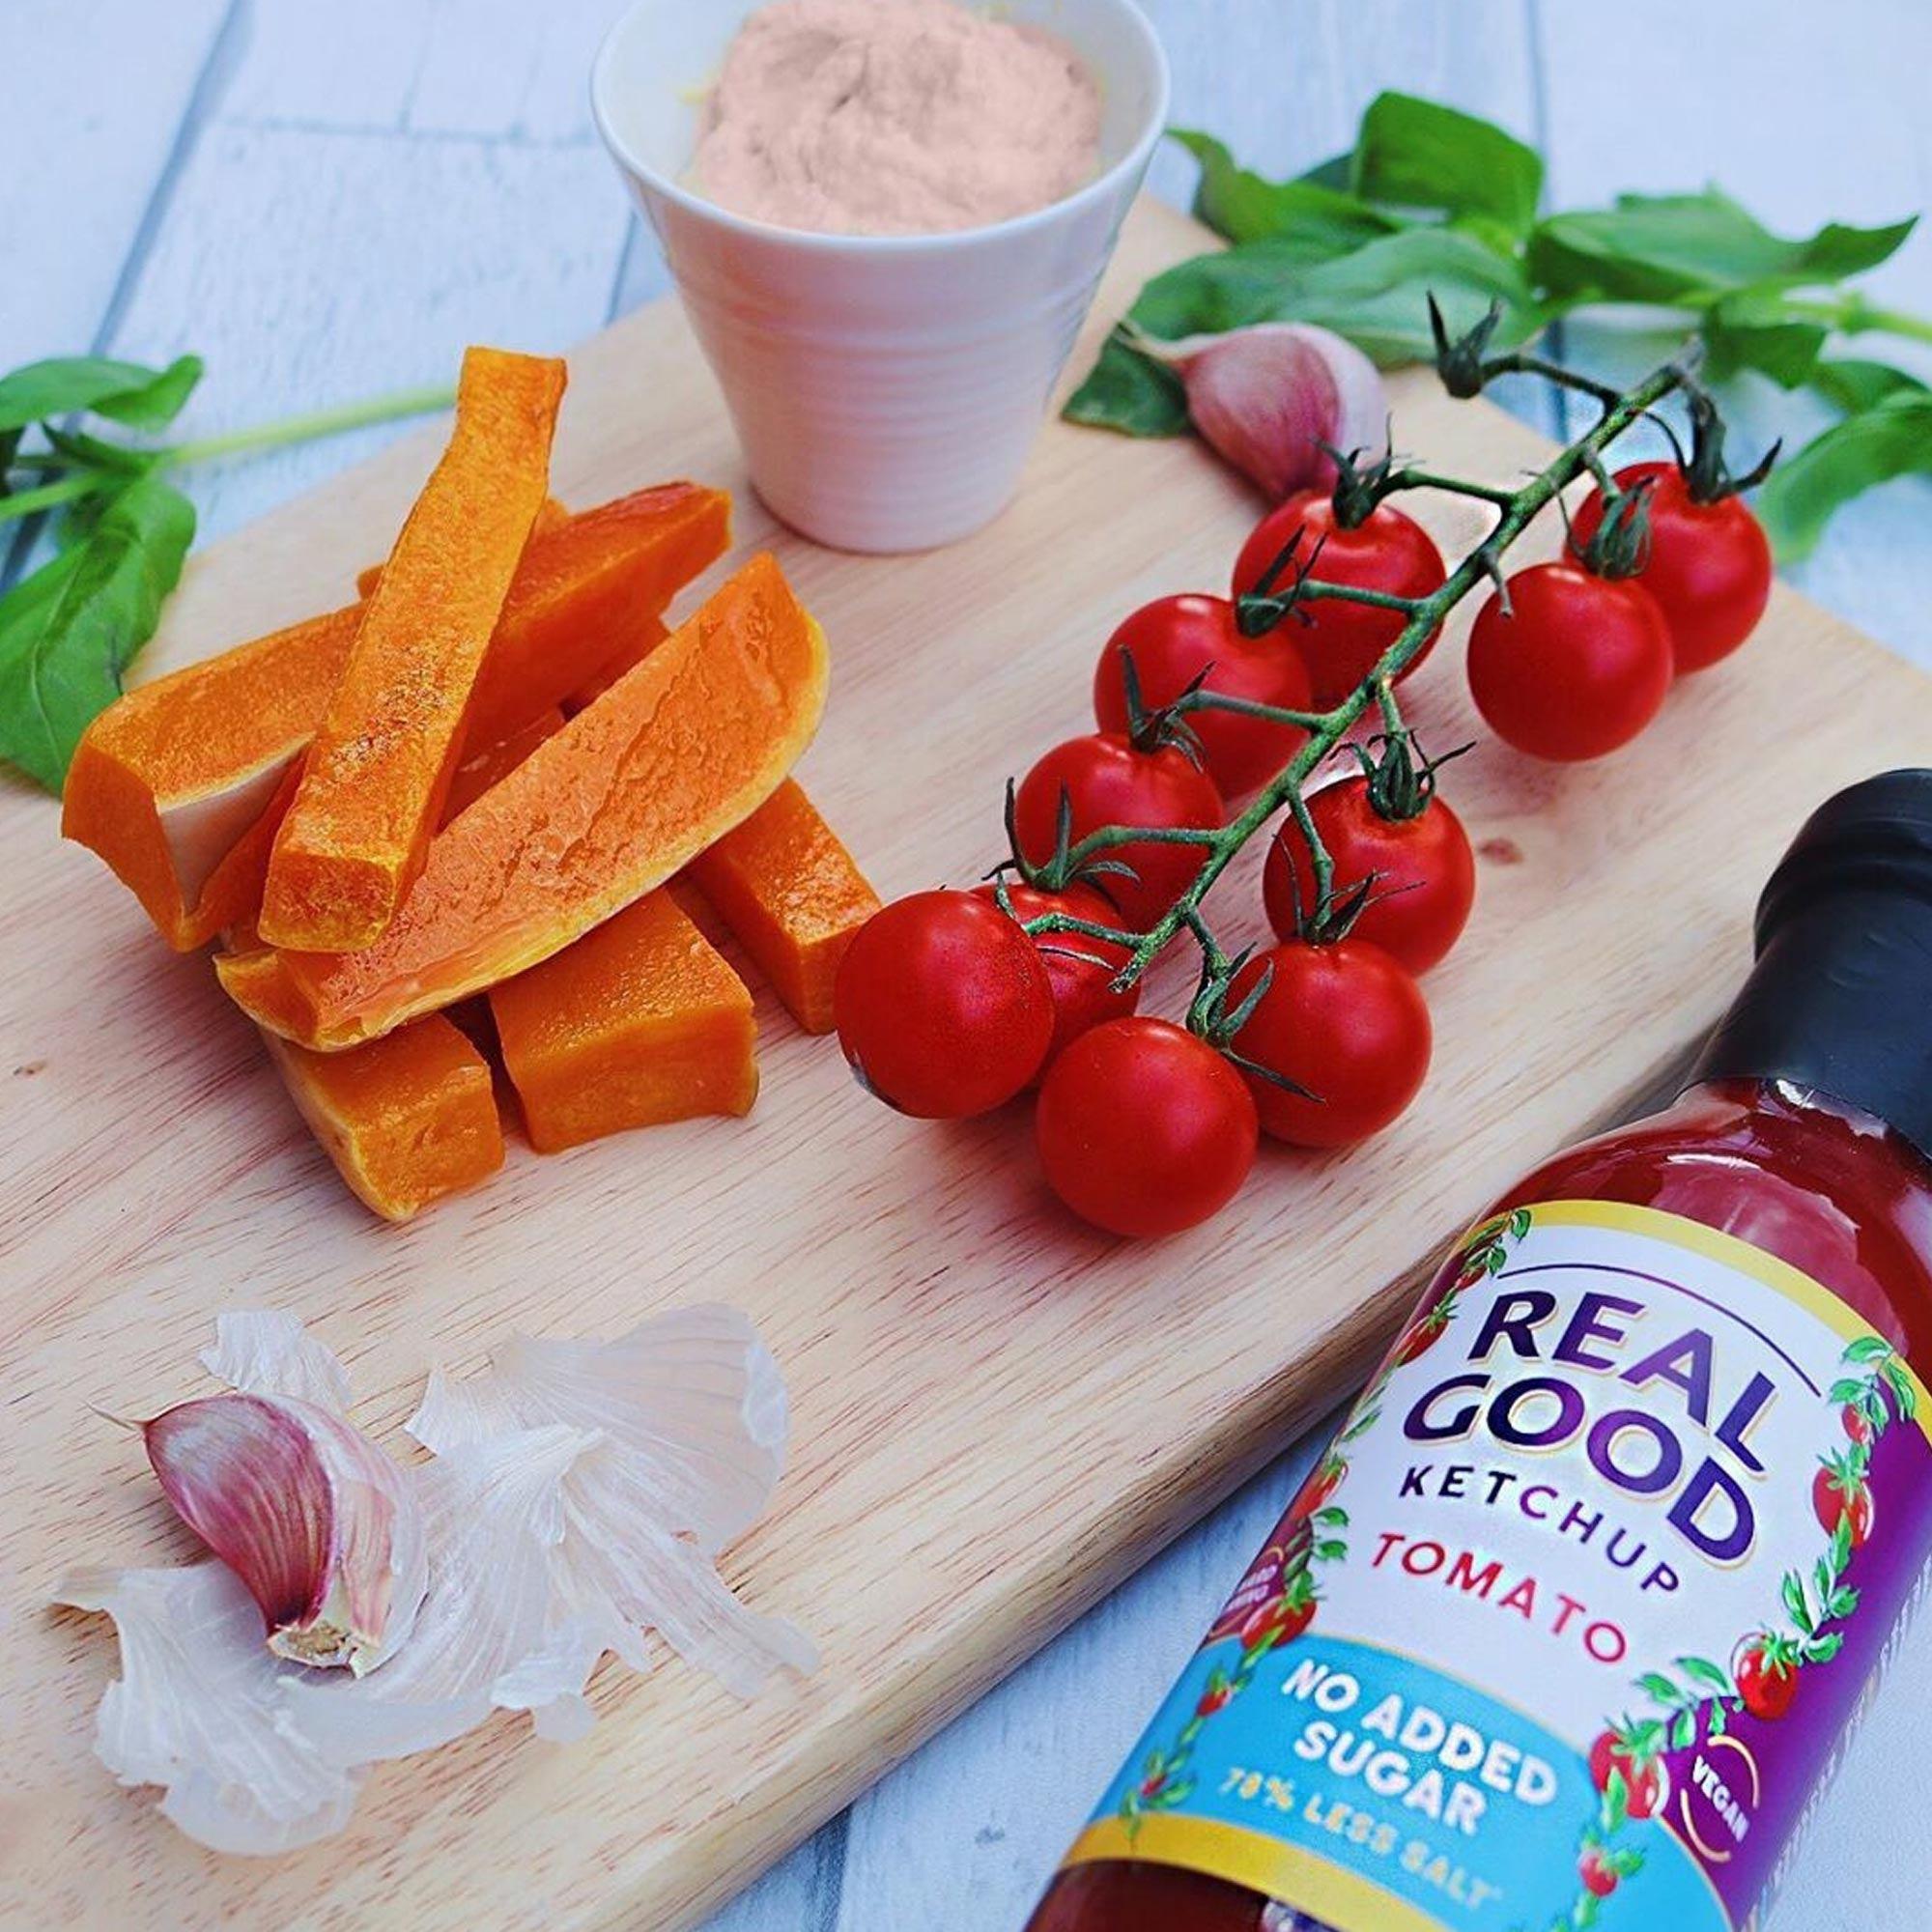 Real-Good-Tomato-Ketchup-Lifestyle-Image-4